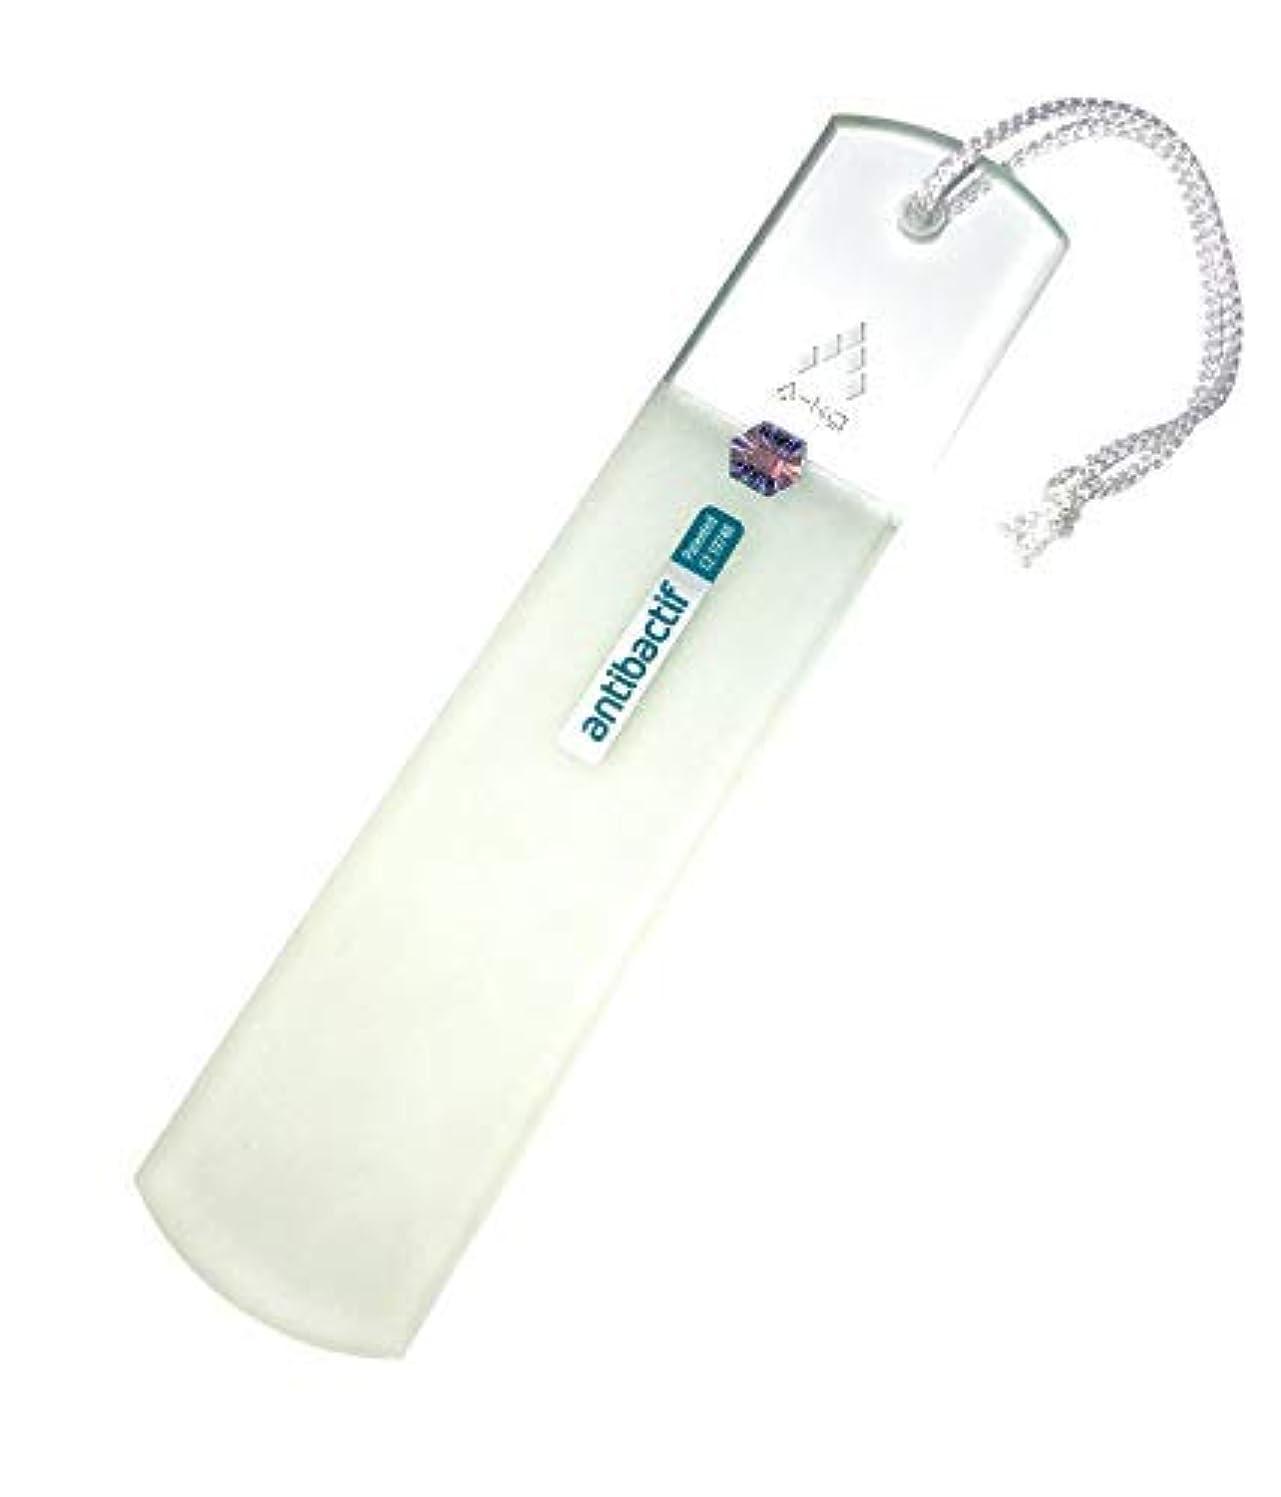 上陸輪郭構造的A-KG BLAZEK かかと用やすり ガラス製 抗菌 クリア 抗菌光触媒コーティング Antibactif かかと削り かかとやすり かかと 角質取り 乾かす時に便利なヒモ付